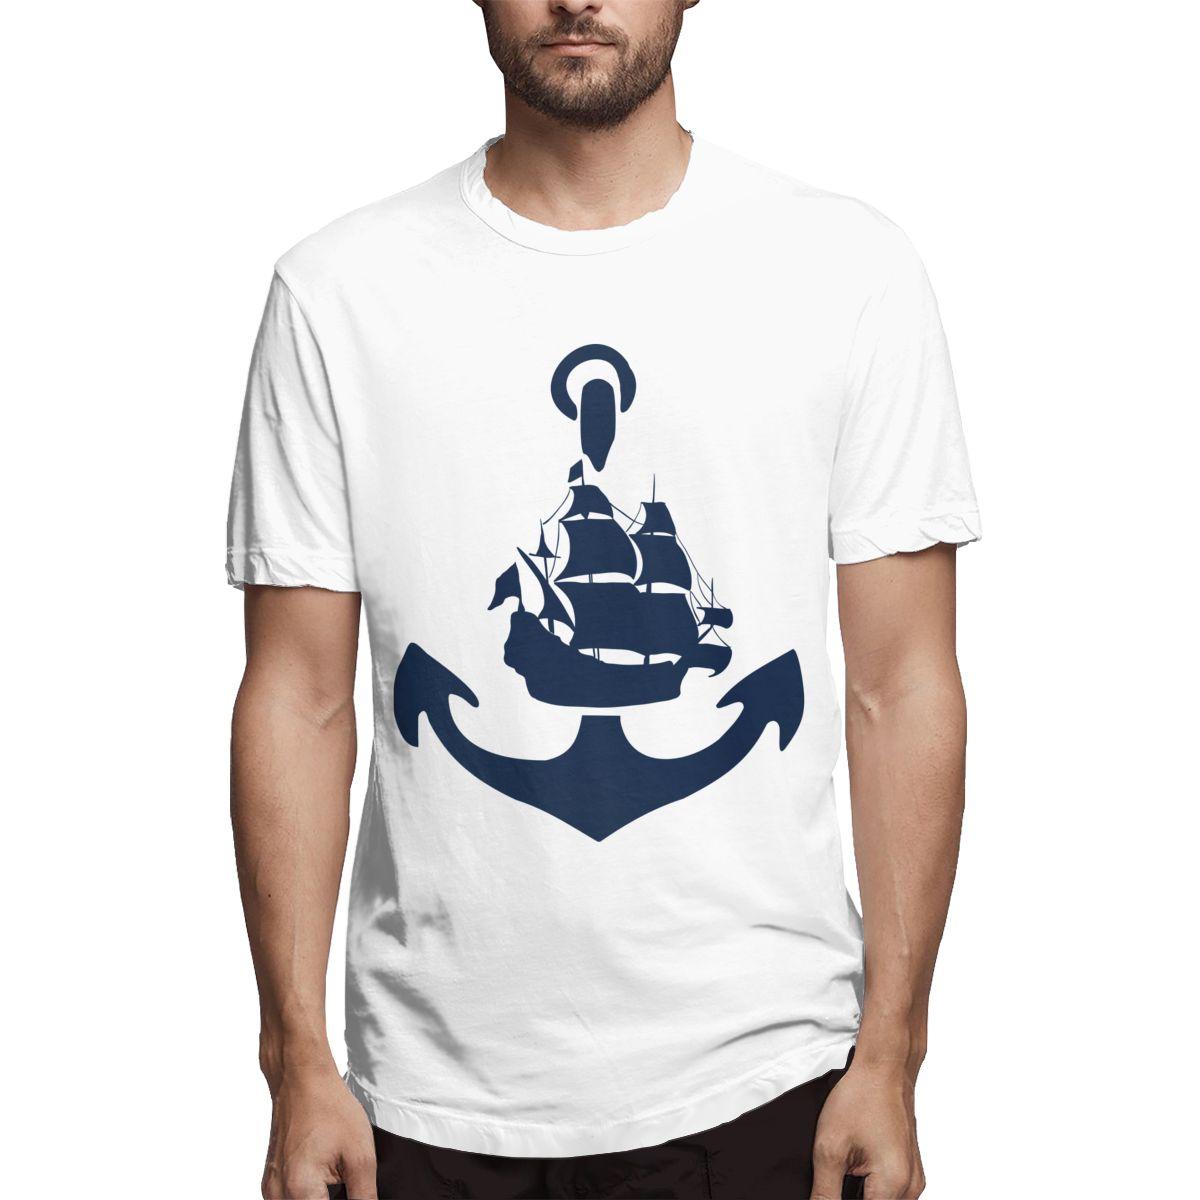 Camiseta de algodón 100% de alta calidad, camiseta casual con estampado de ancla de Barco Pirata para hombres, ropa de marca Harajuku, camisetas divertidas